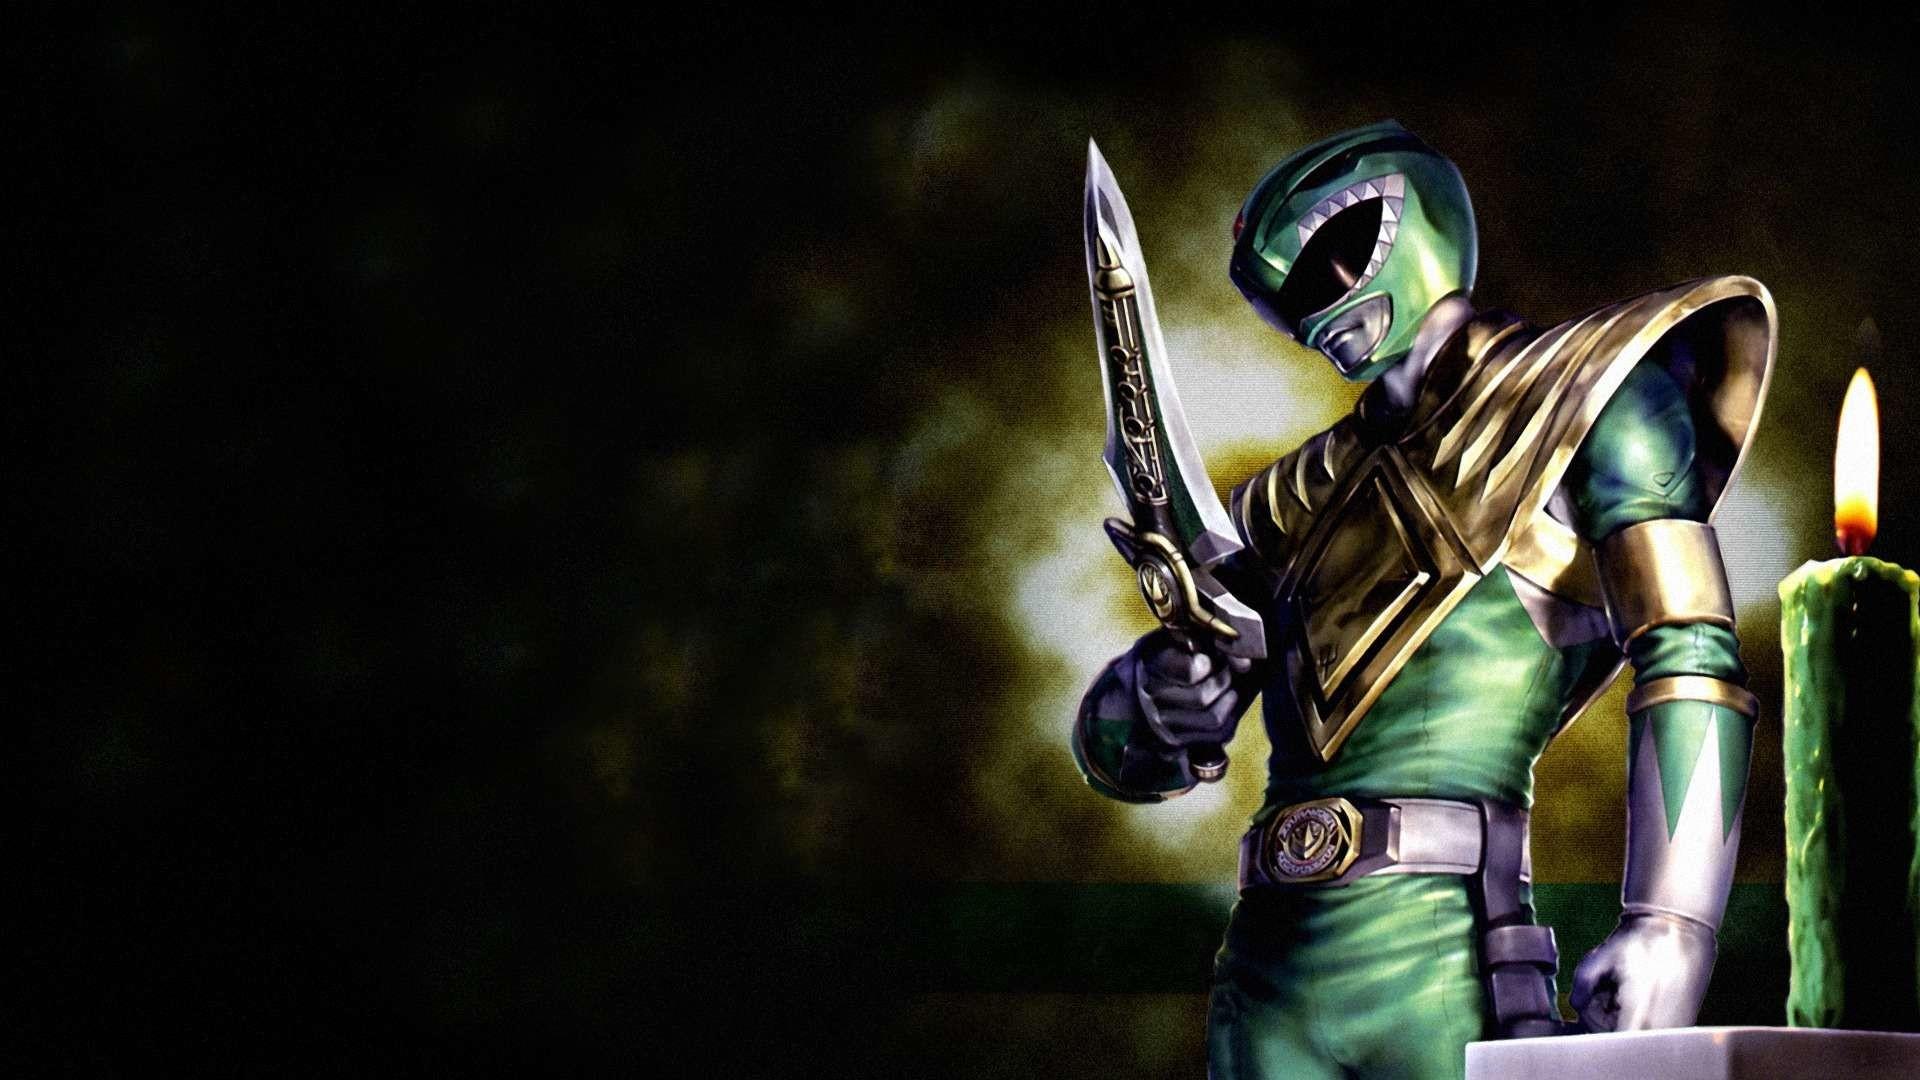 green ranger wallpaper – https://hdwallpaper.info/green-ranger-